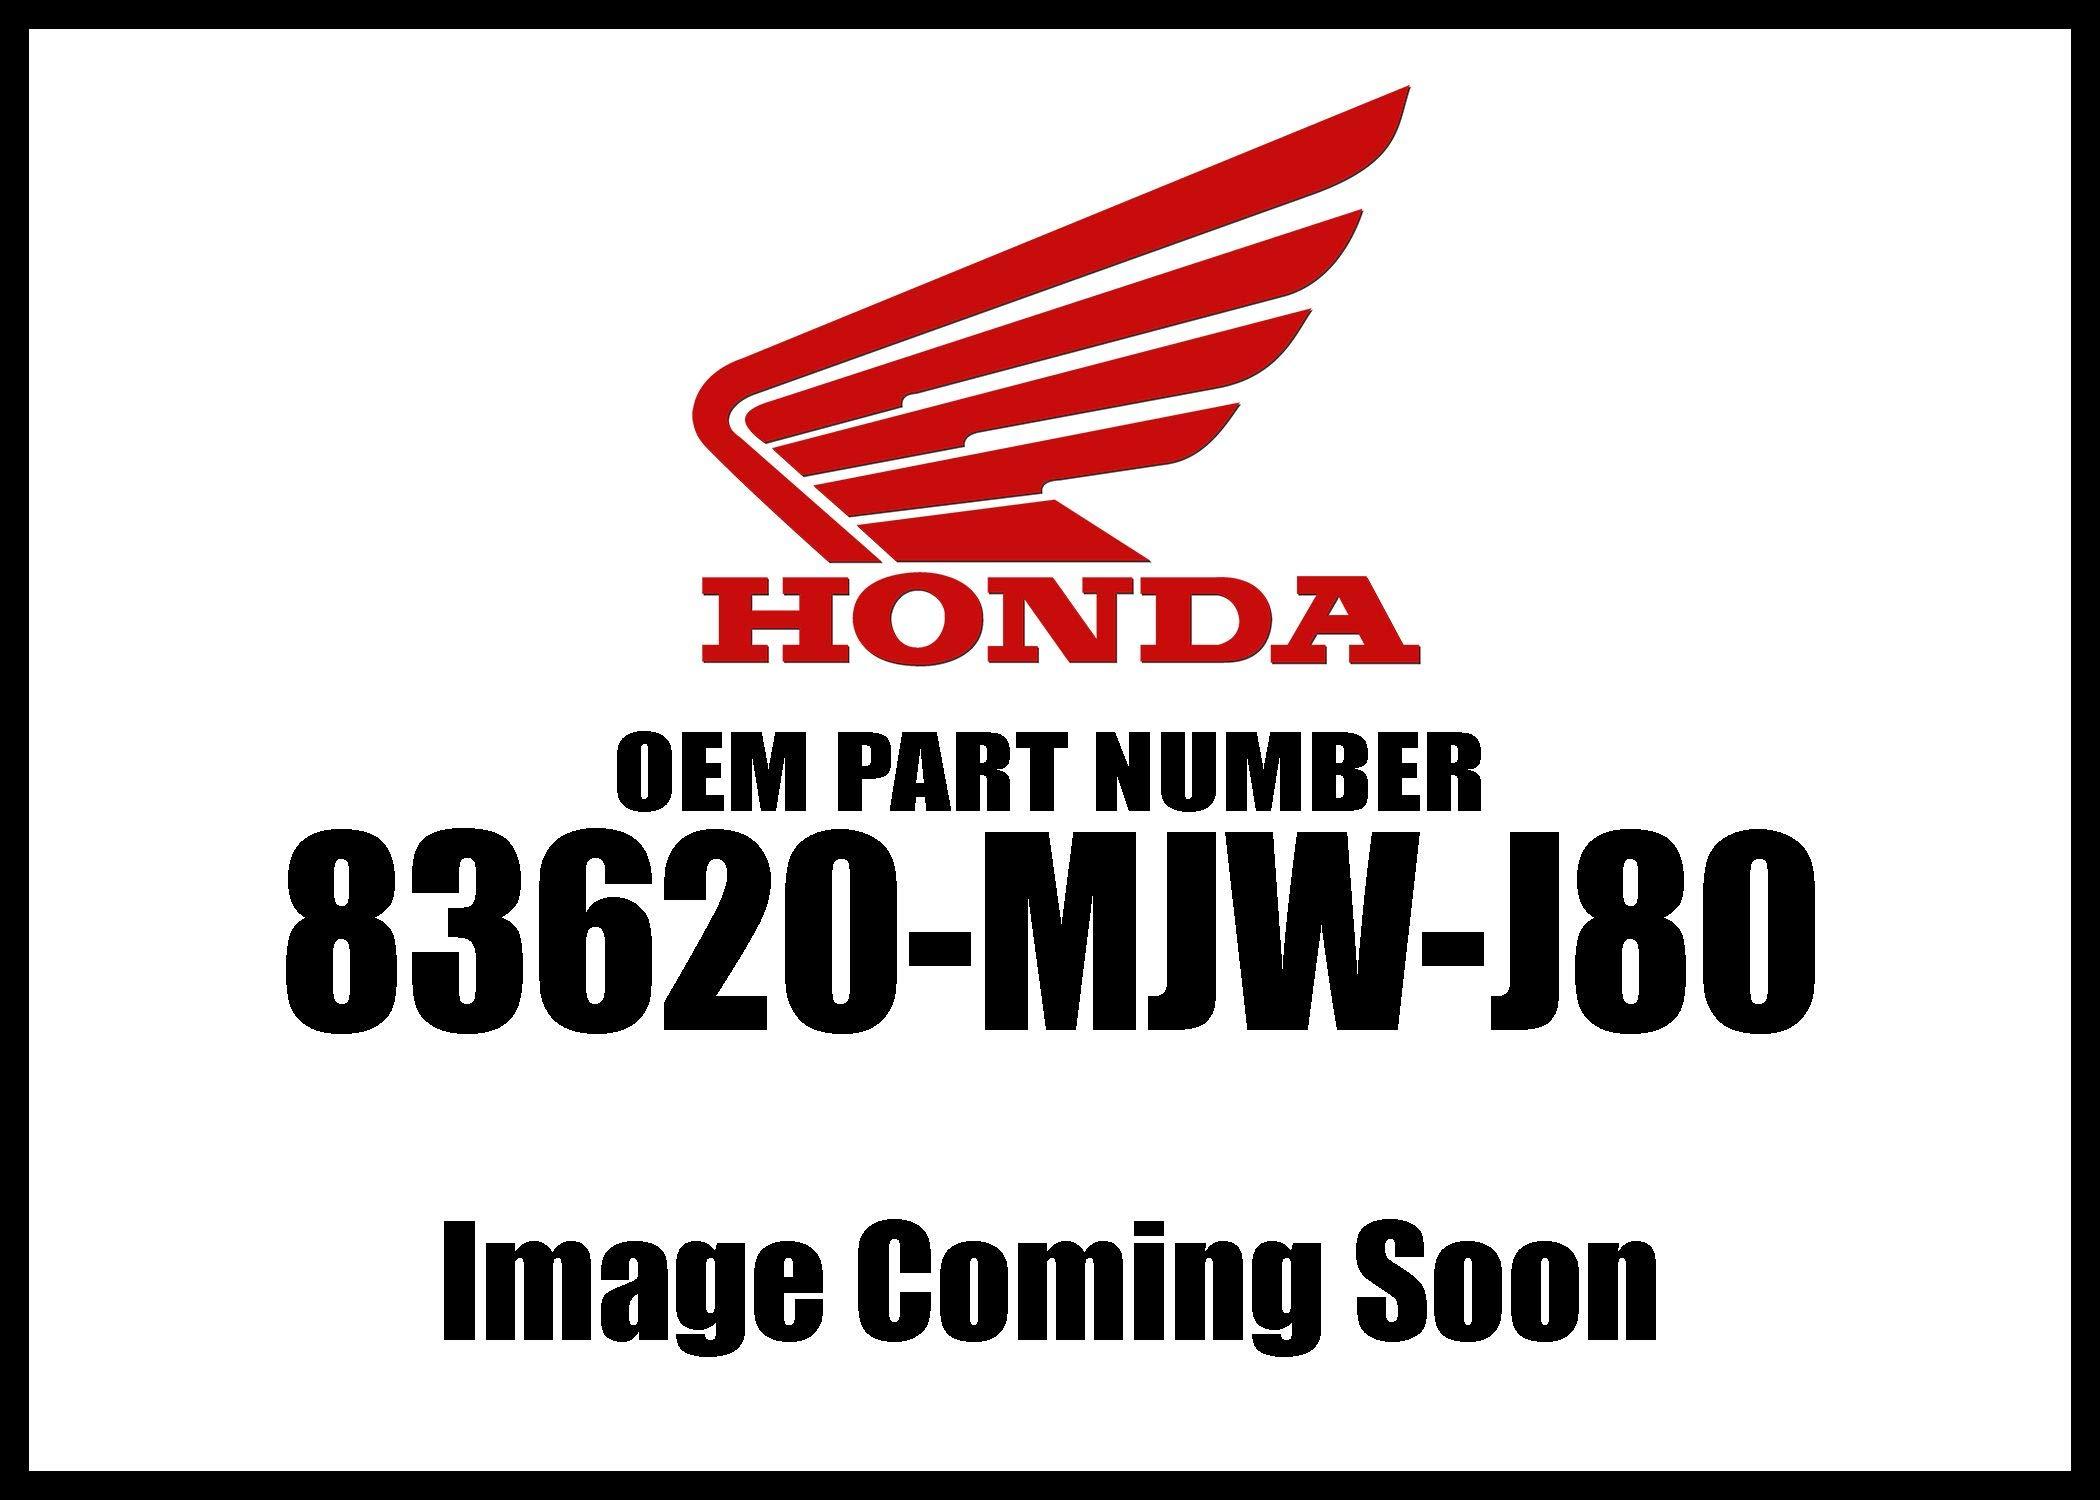 Honda 2016-2018 Cb Left Side Cover Set B 83620-Mjw-J80 New Oem